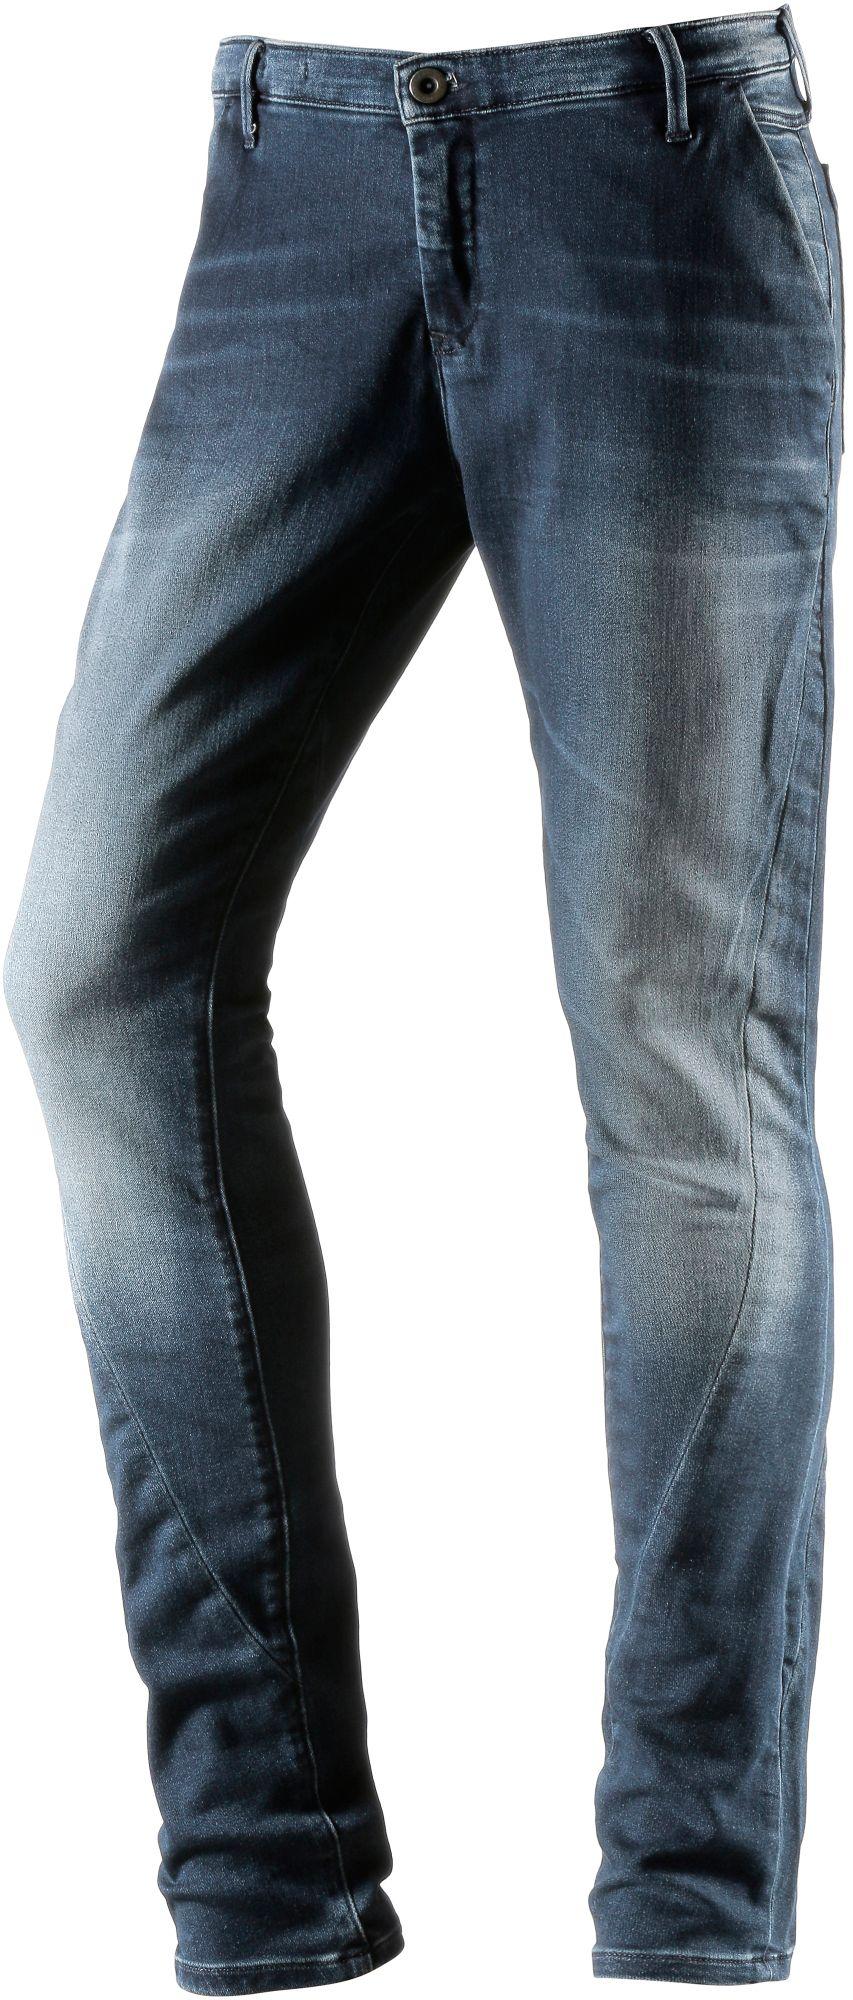 Bild Tommy Hilfiger Valerie Sweat Jeans Damen